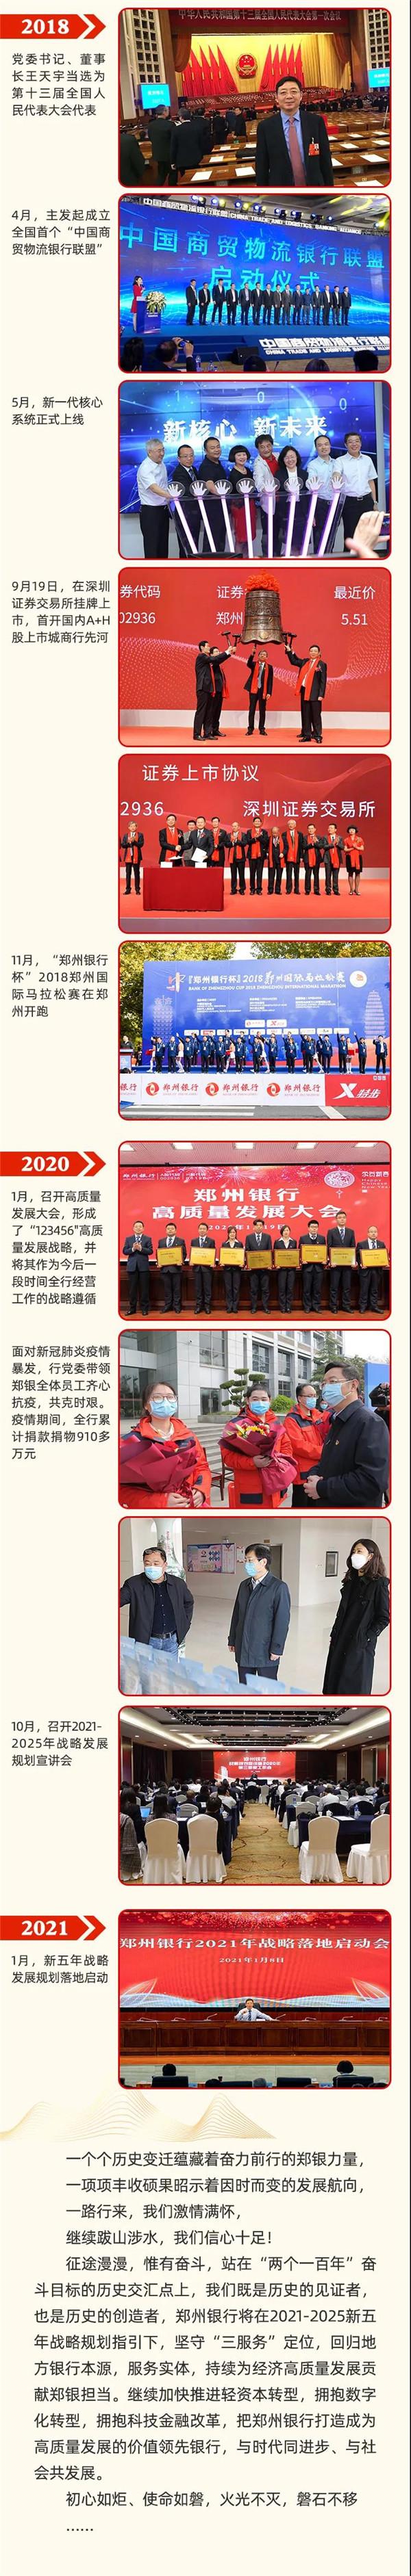 20210413郑州银行一图知郑银-3.jpg